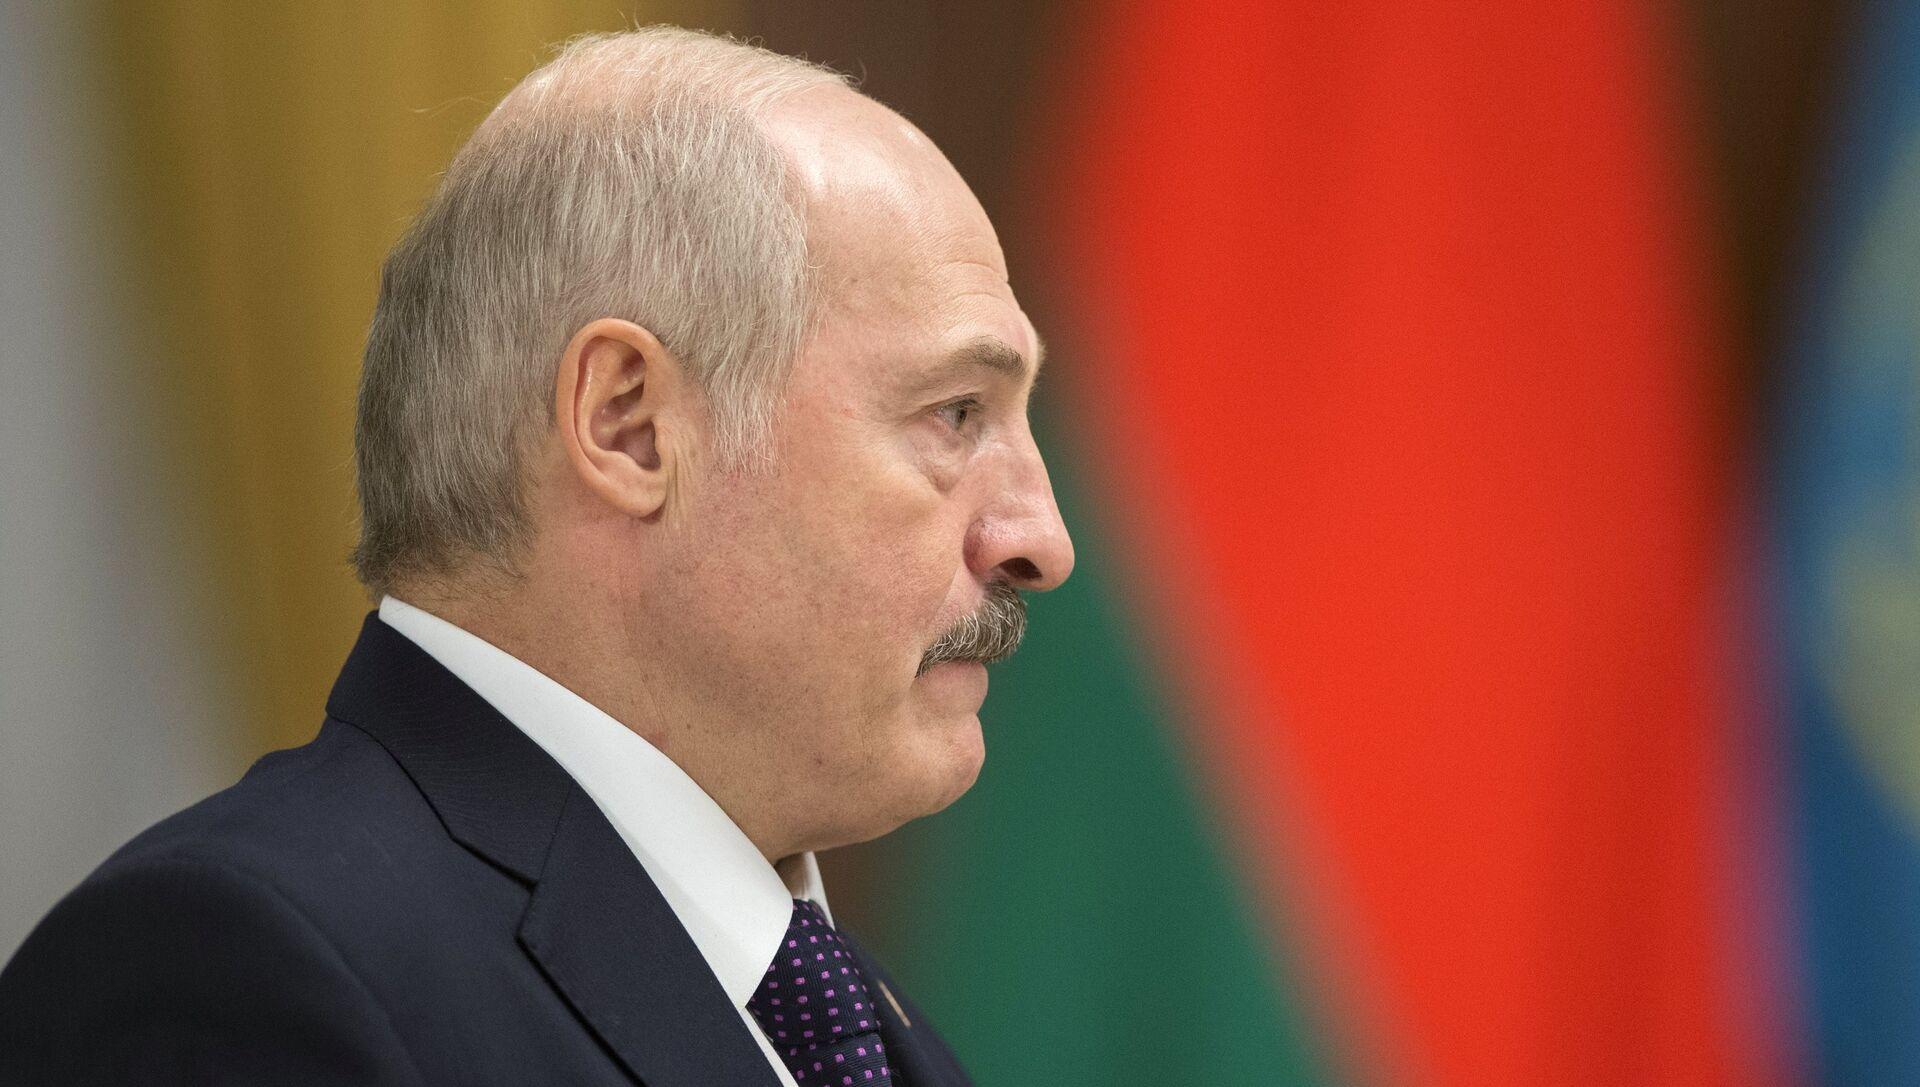 Президент Белоруссии Александр Лукашенко. Архивное фото - РИА Новости, 1920, 03.02.2017